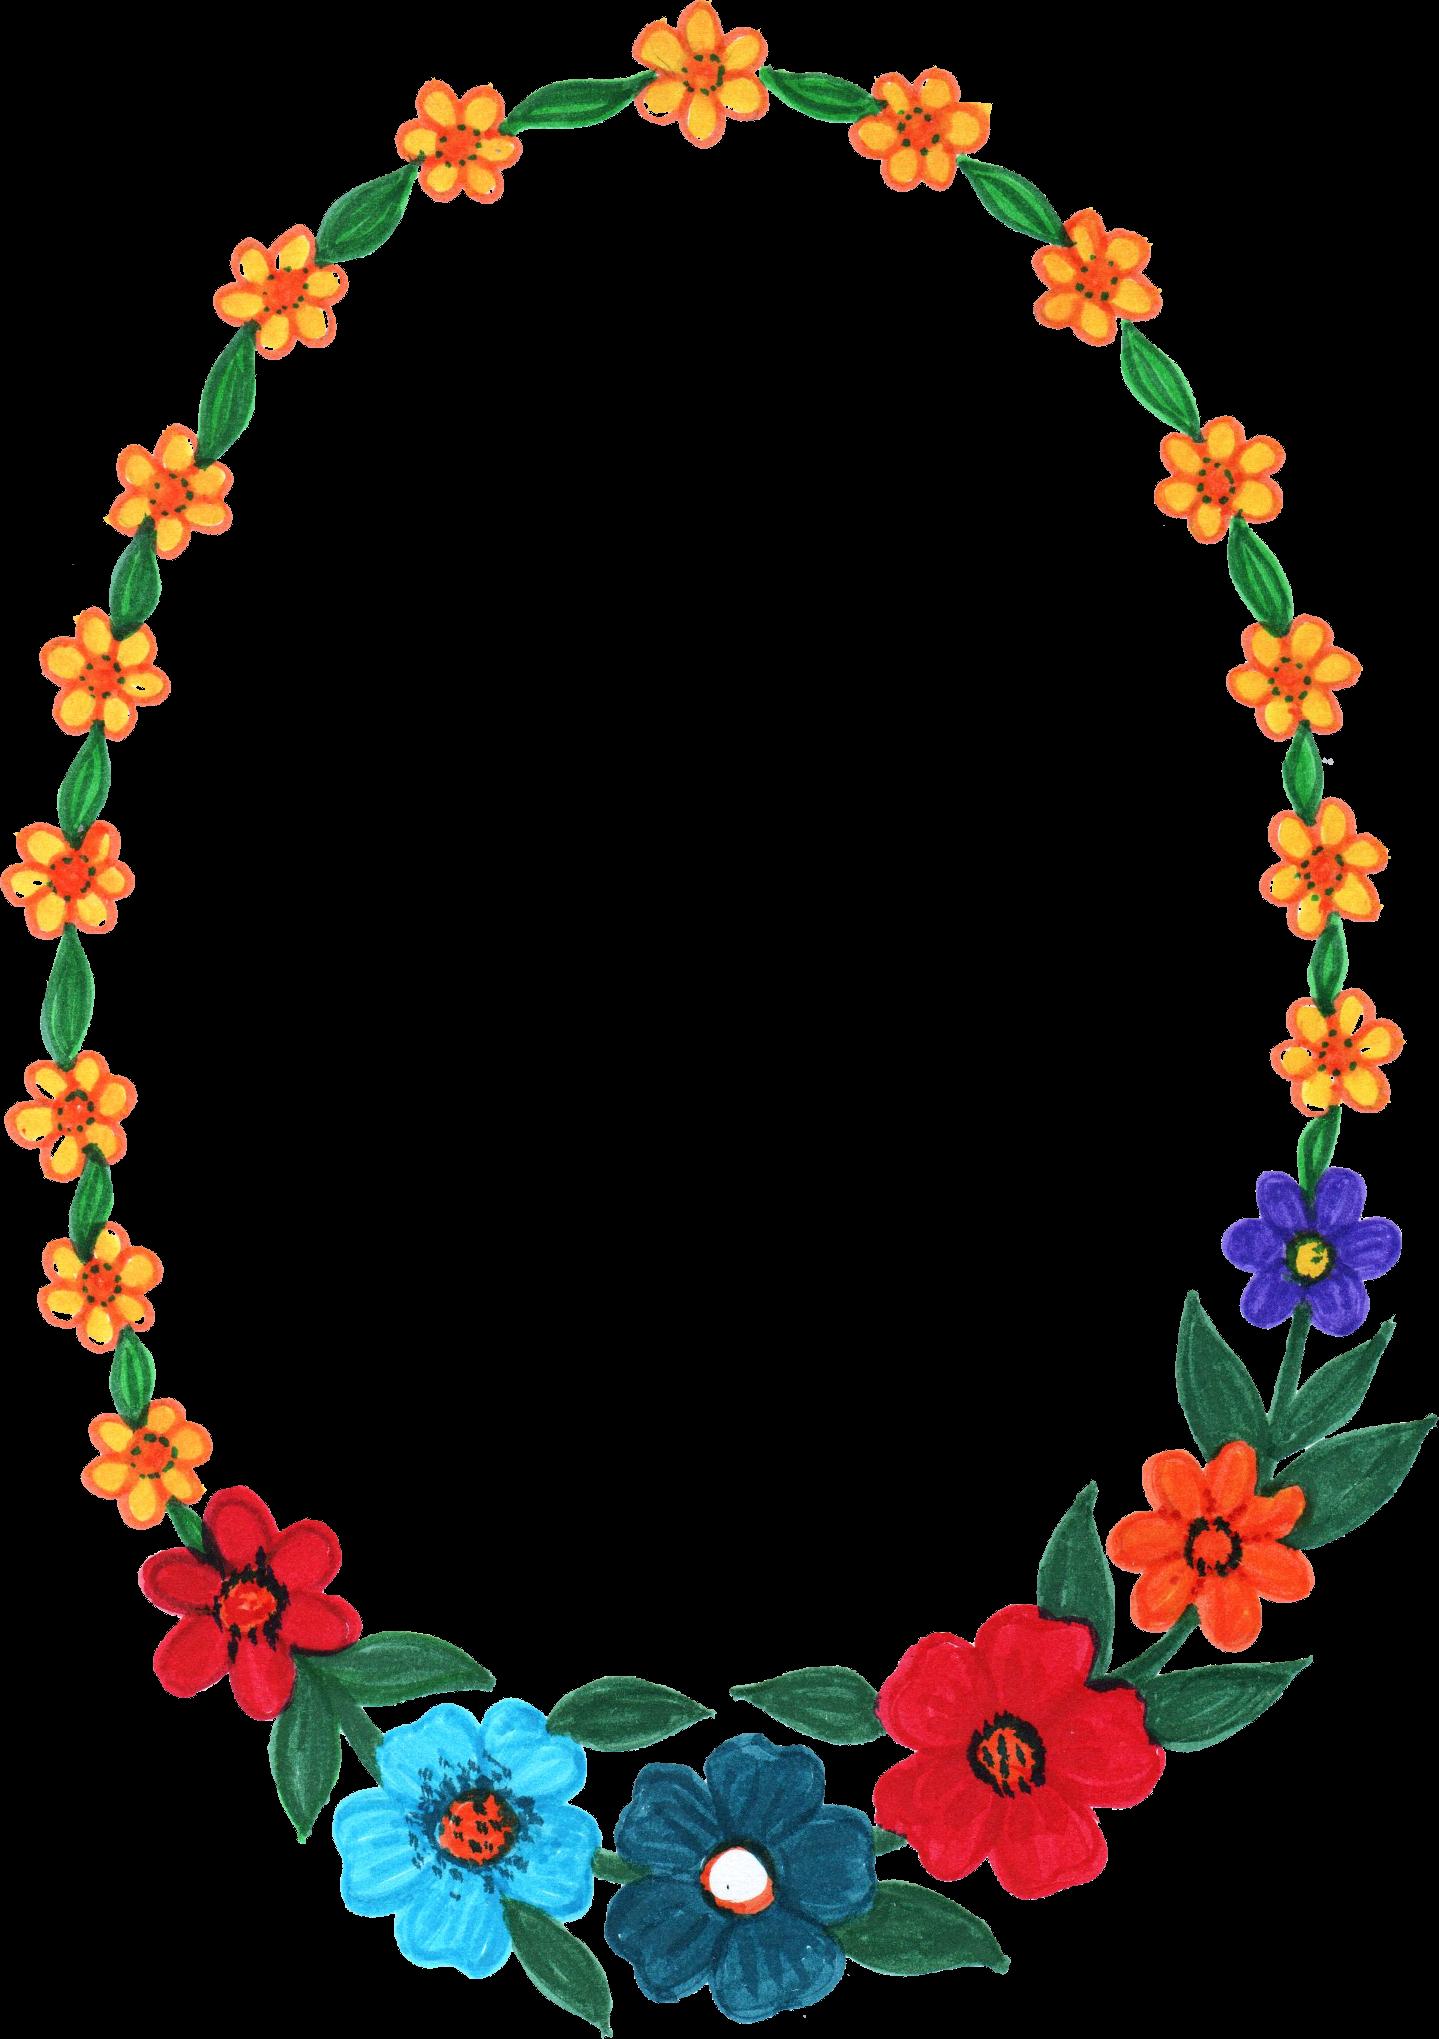 10 Oval Flower Frame (PNG Transparent) | OnlyGFX.com